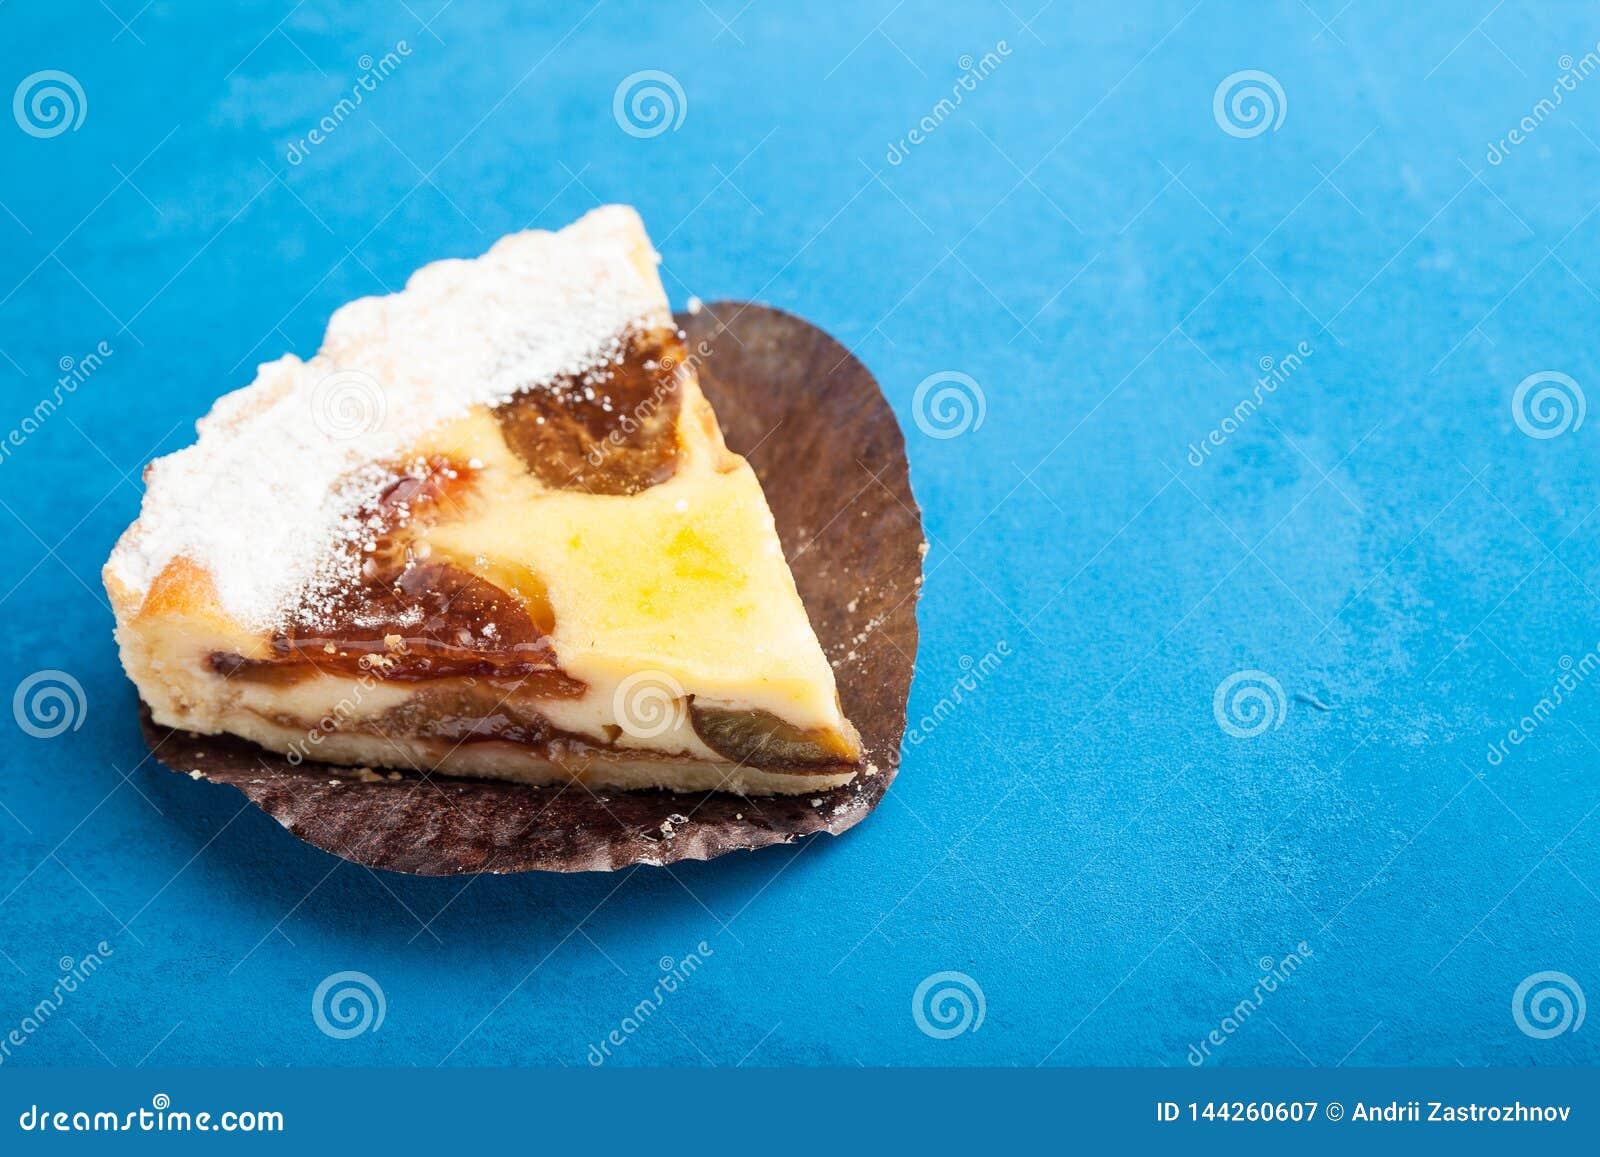 Torta doce delicada do biscoito amanteigado da sobremesa com ameixas em um fundo azul